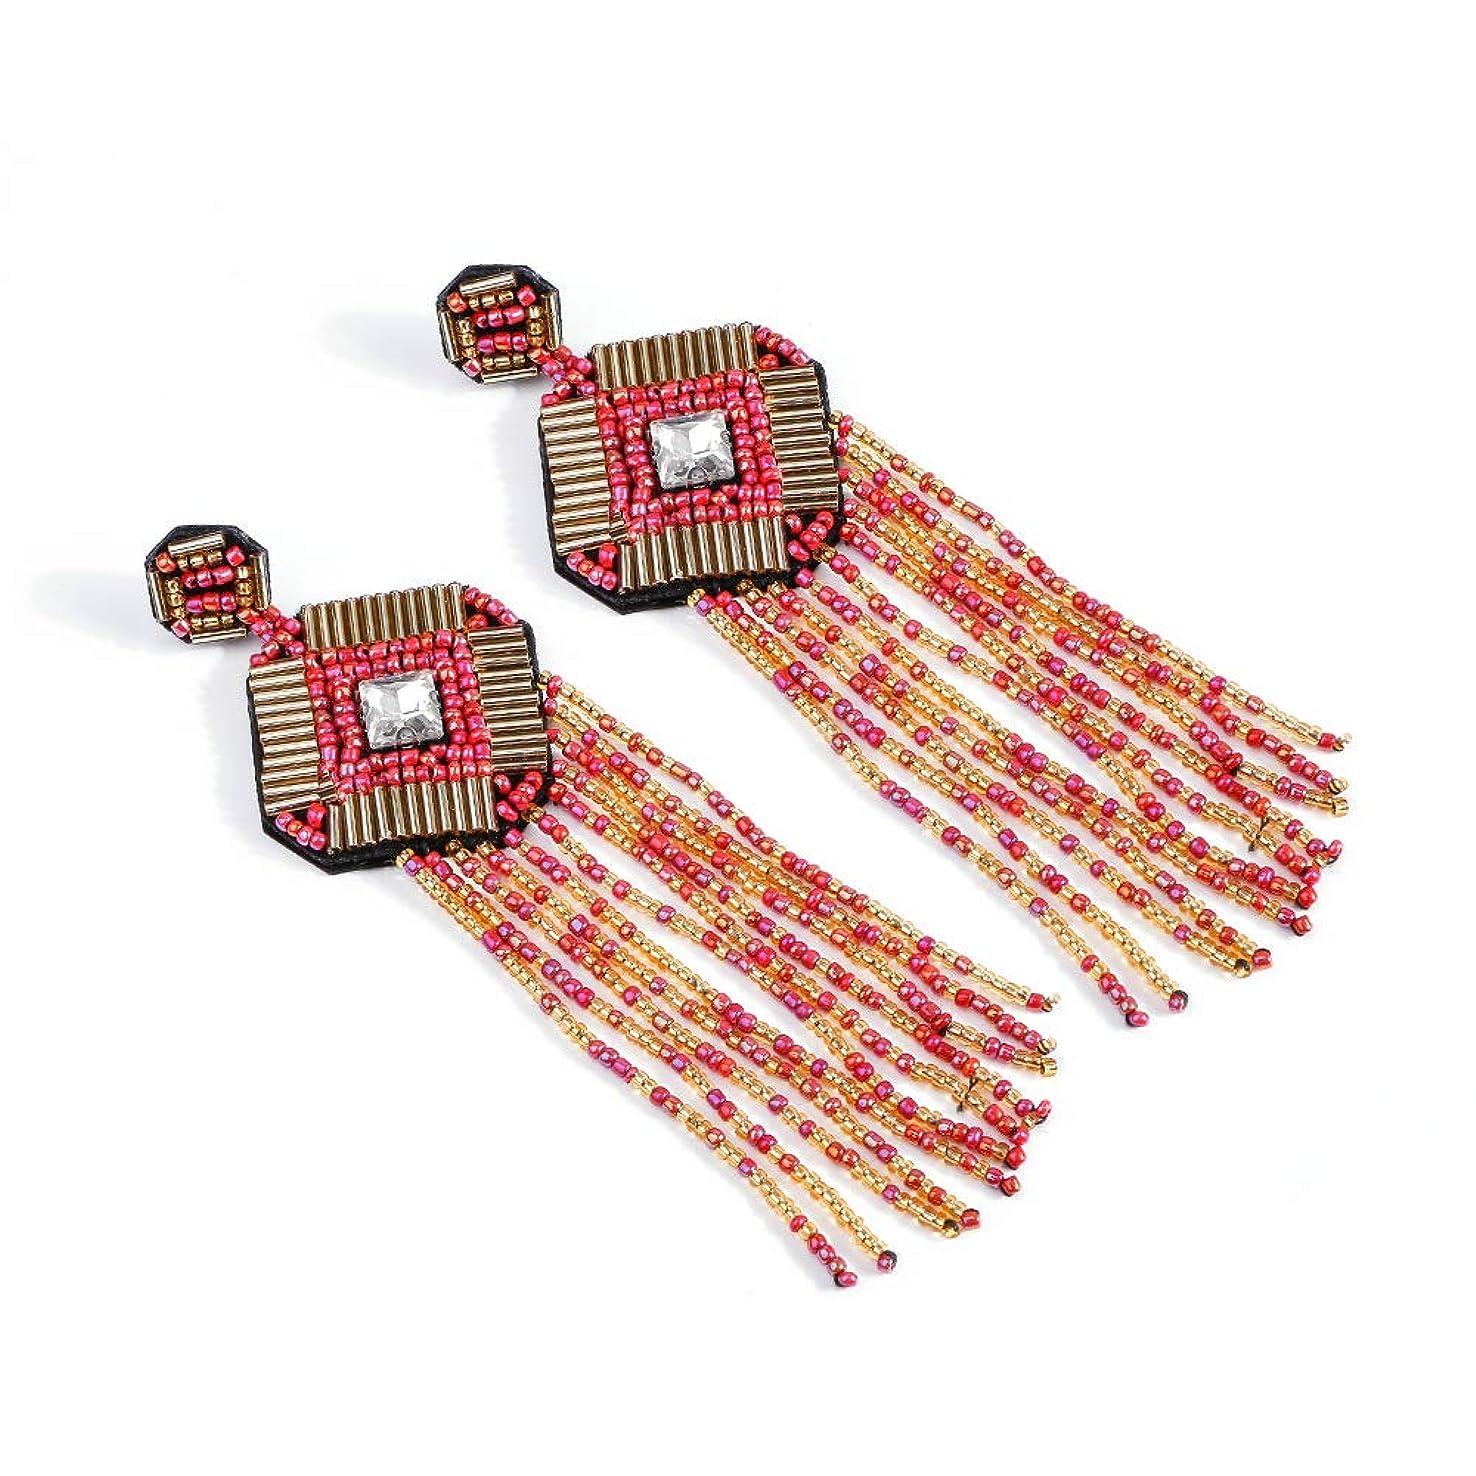 窓ポーズ属性女性のためのボヘミアンピアスカフタッセルイヤリング、ファッションビーズのイヤリングロングタッセルピアス銀の波,ピンク